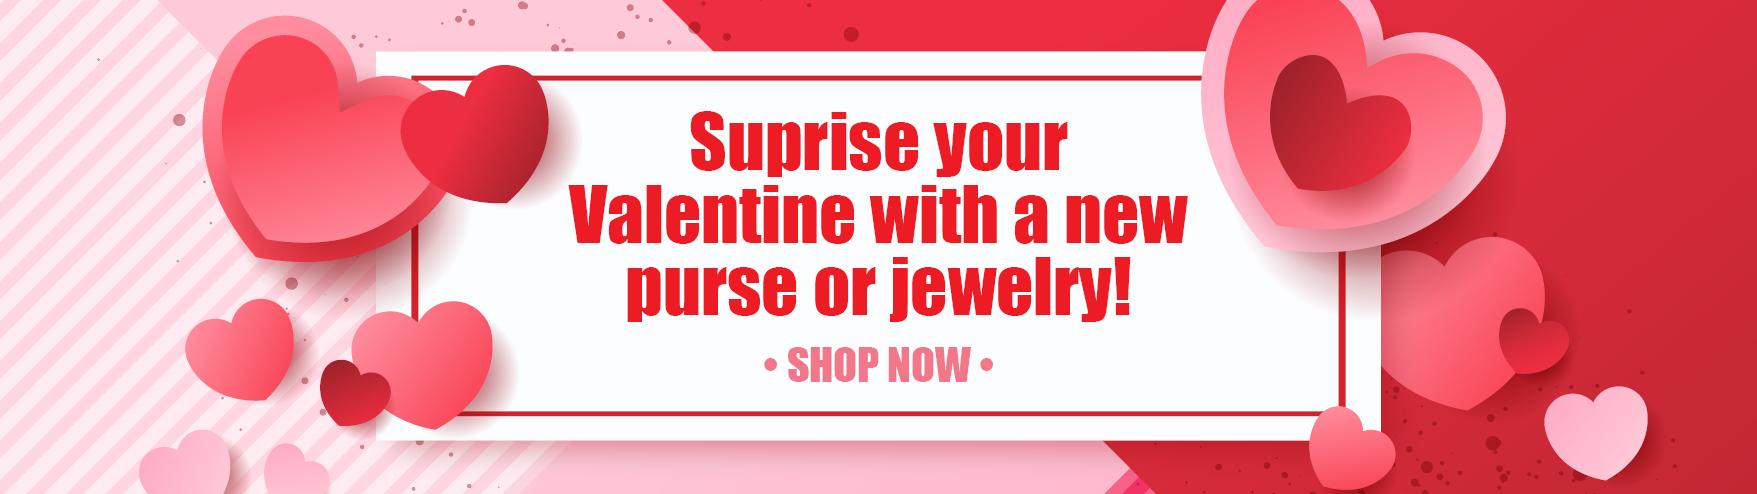 Saint Valentine's Day specials